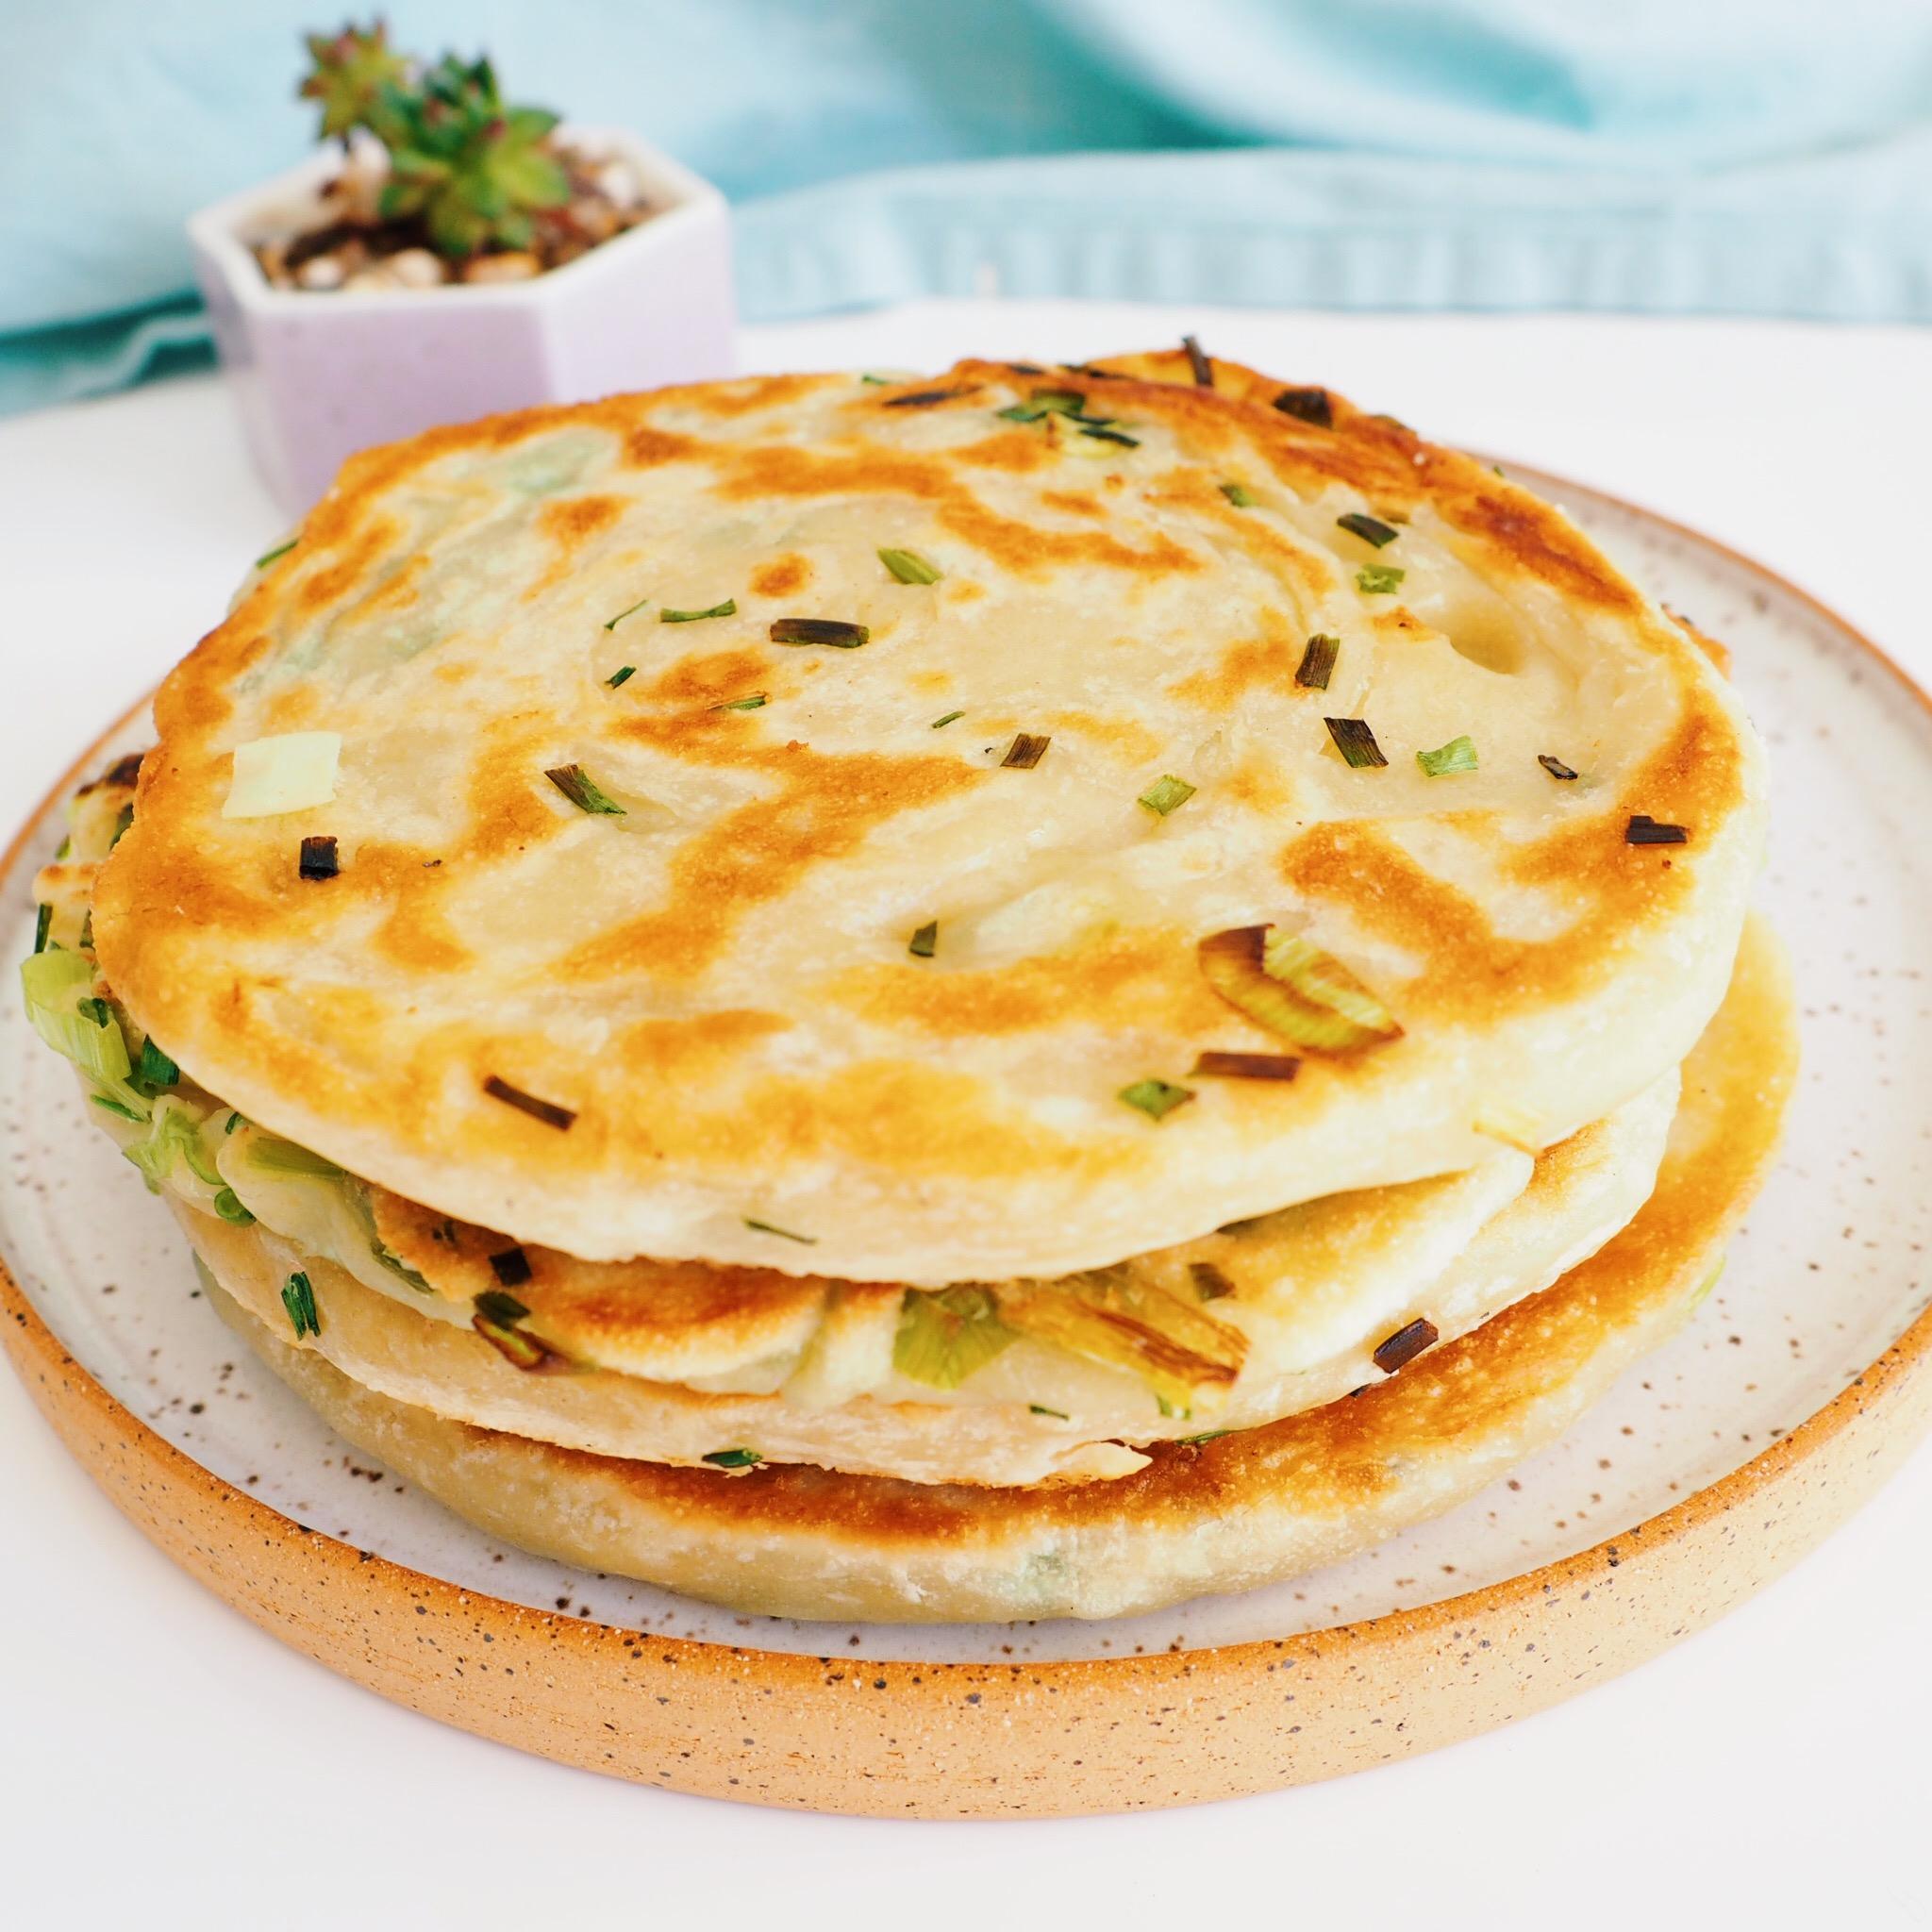 Green Onion Chive Pancake